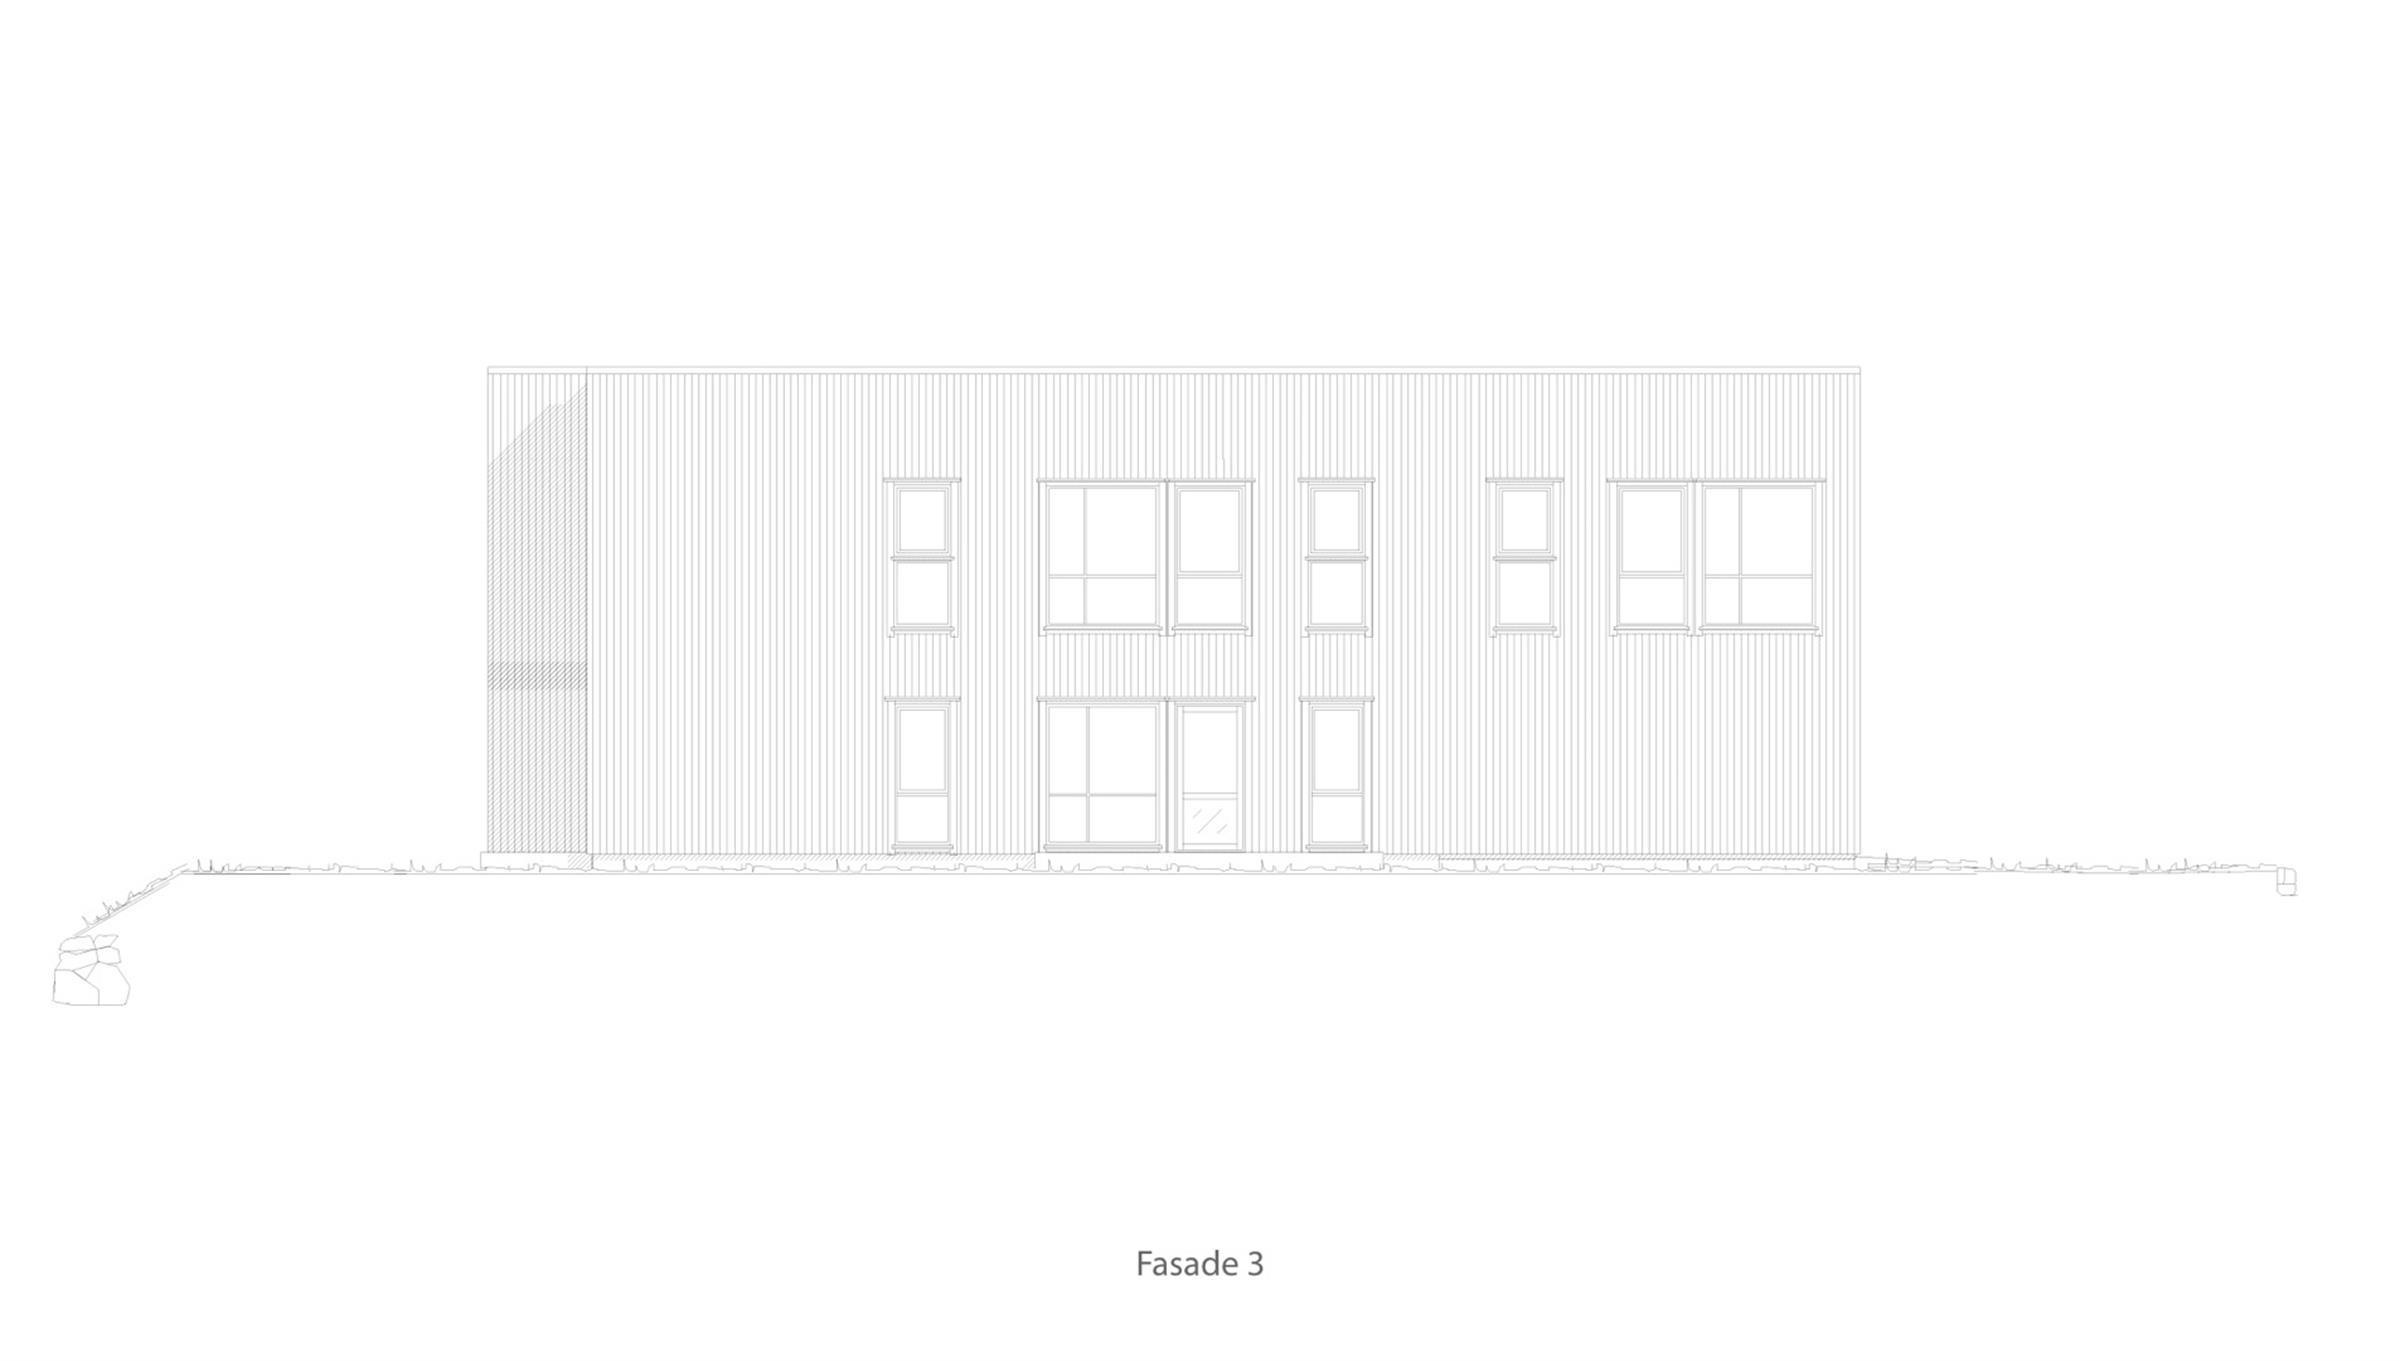 Brumunddal fasade 3